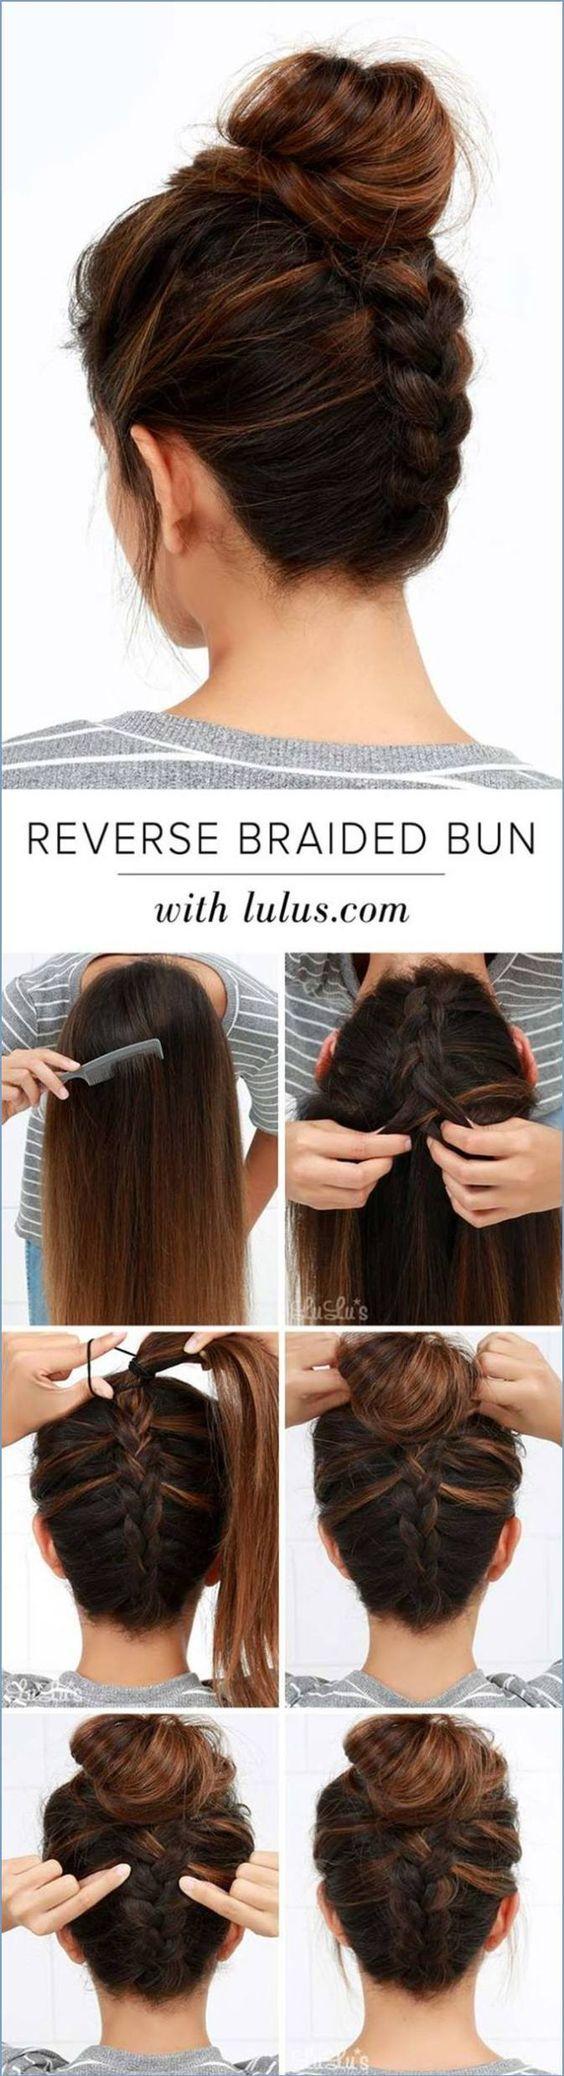 penteados-com-tranças (5)